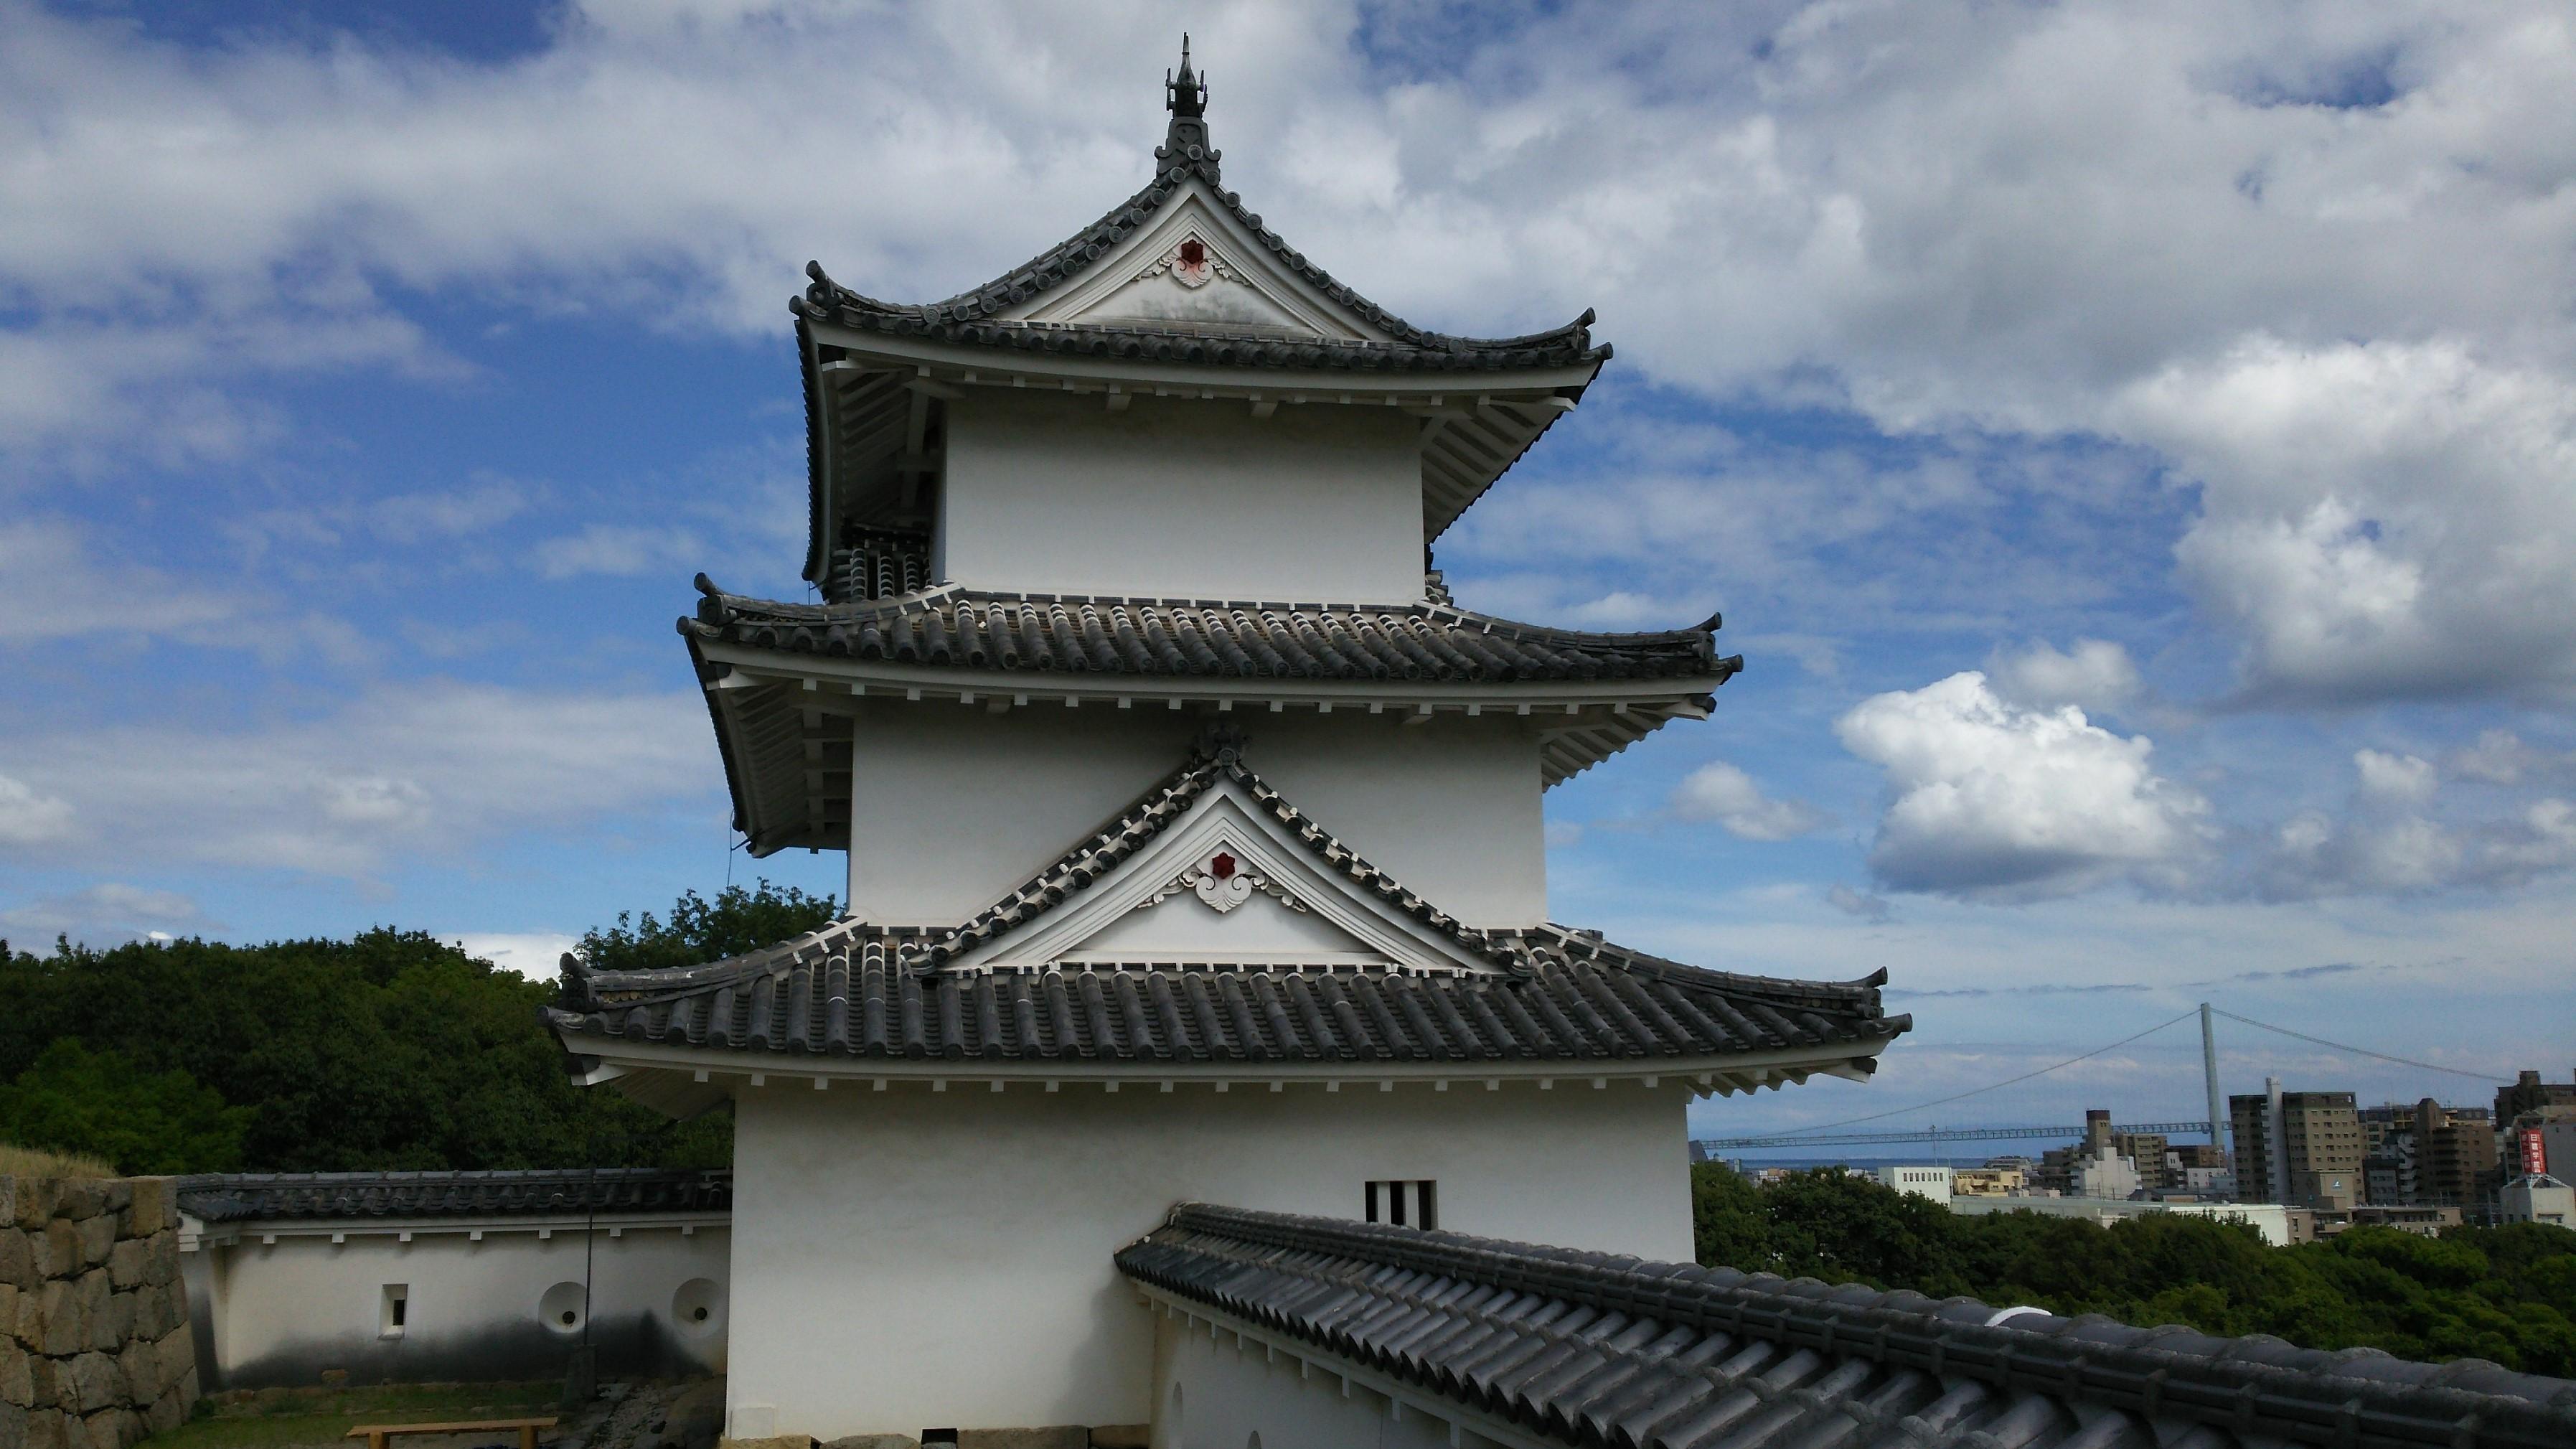 富田林,大阪狭山市に住んでいて痛みの不安無く旅行に行くならくめ鍼灸整骨院で処置をしましょう!